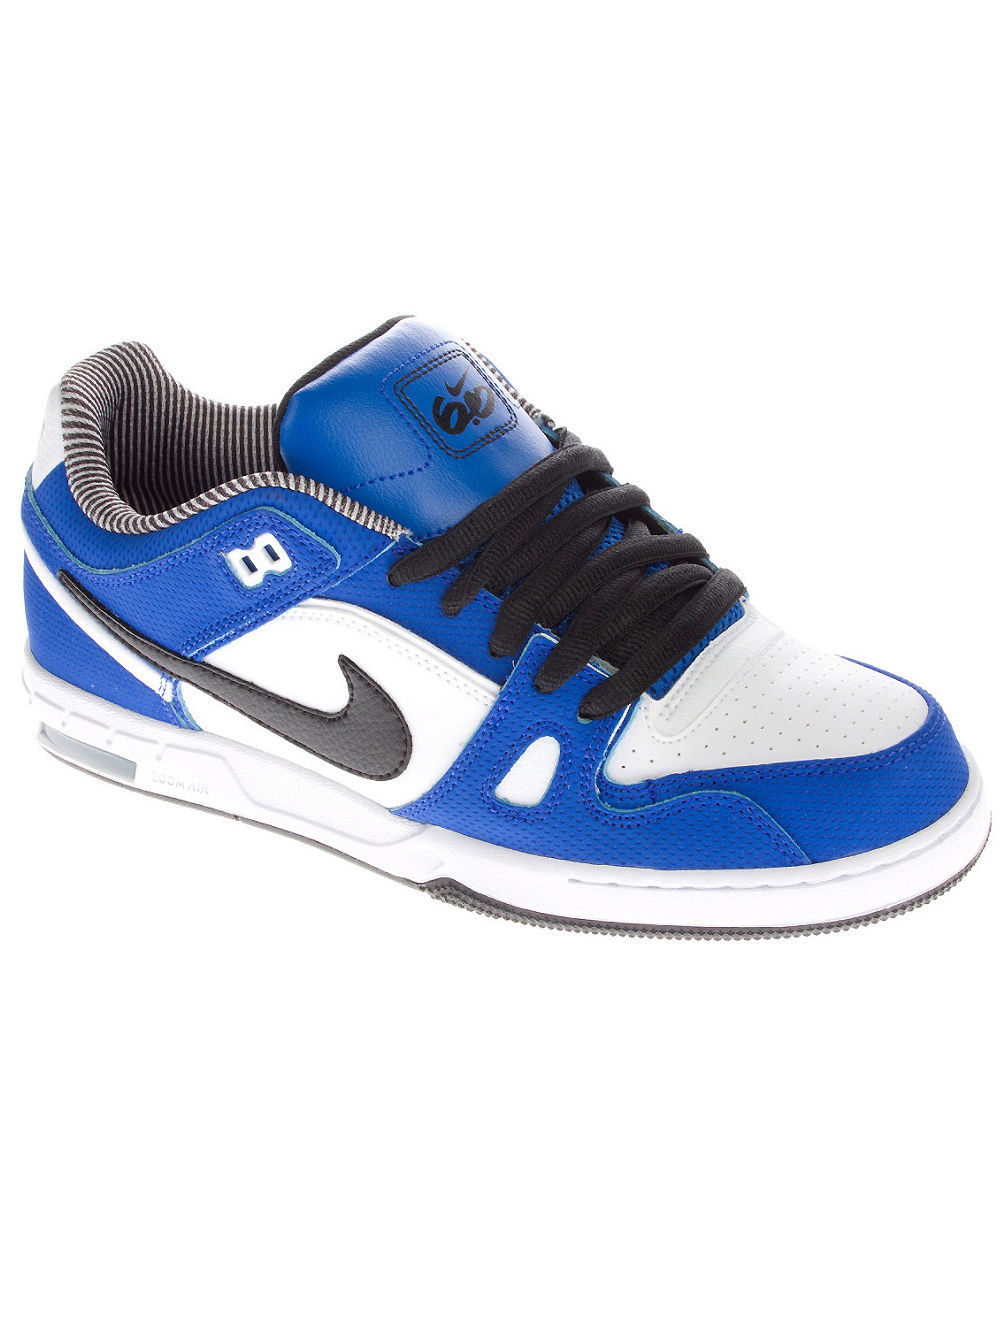 c4a8f584f Compra Nike Zoom Oncore 2 online su Blue Tomato